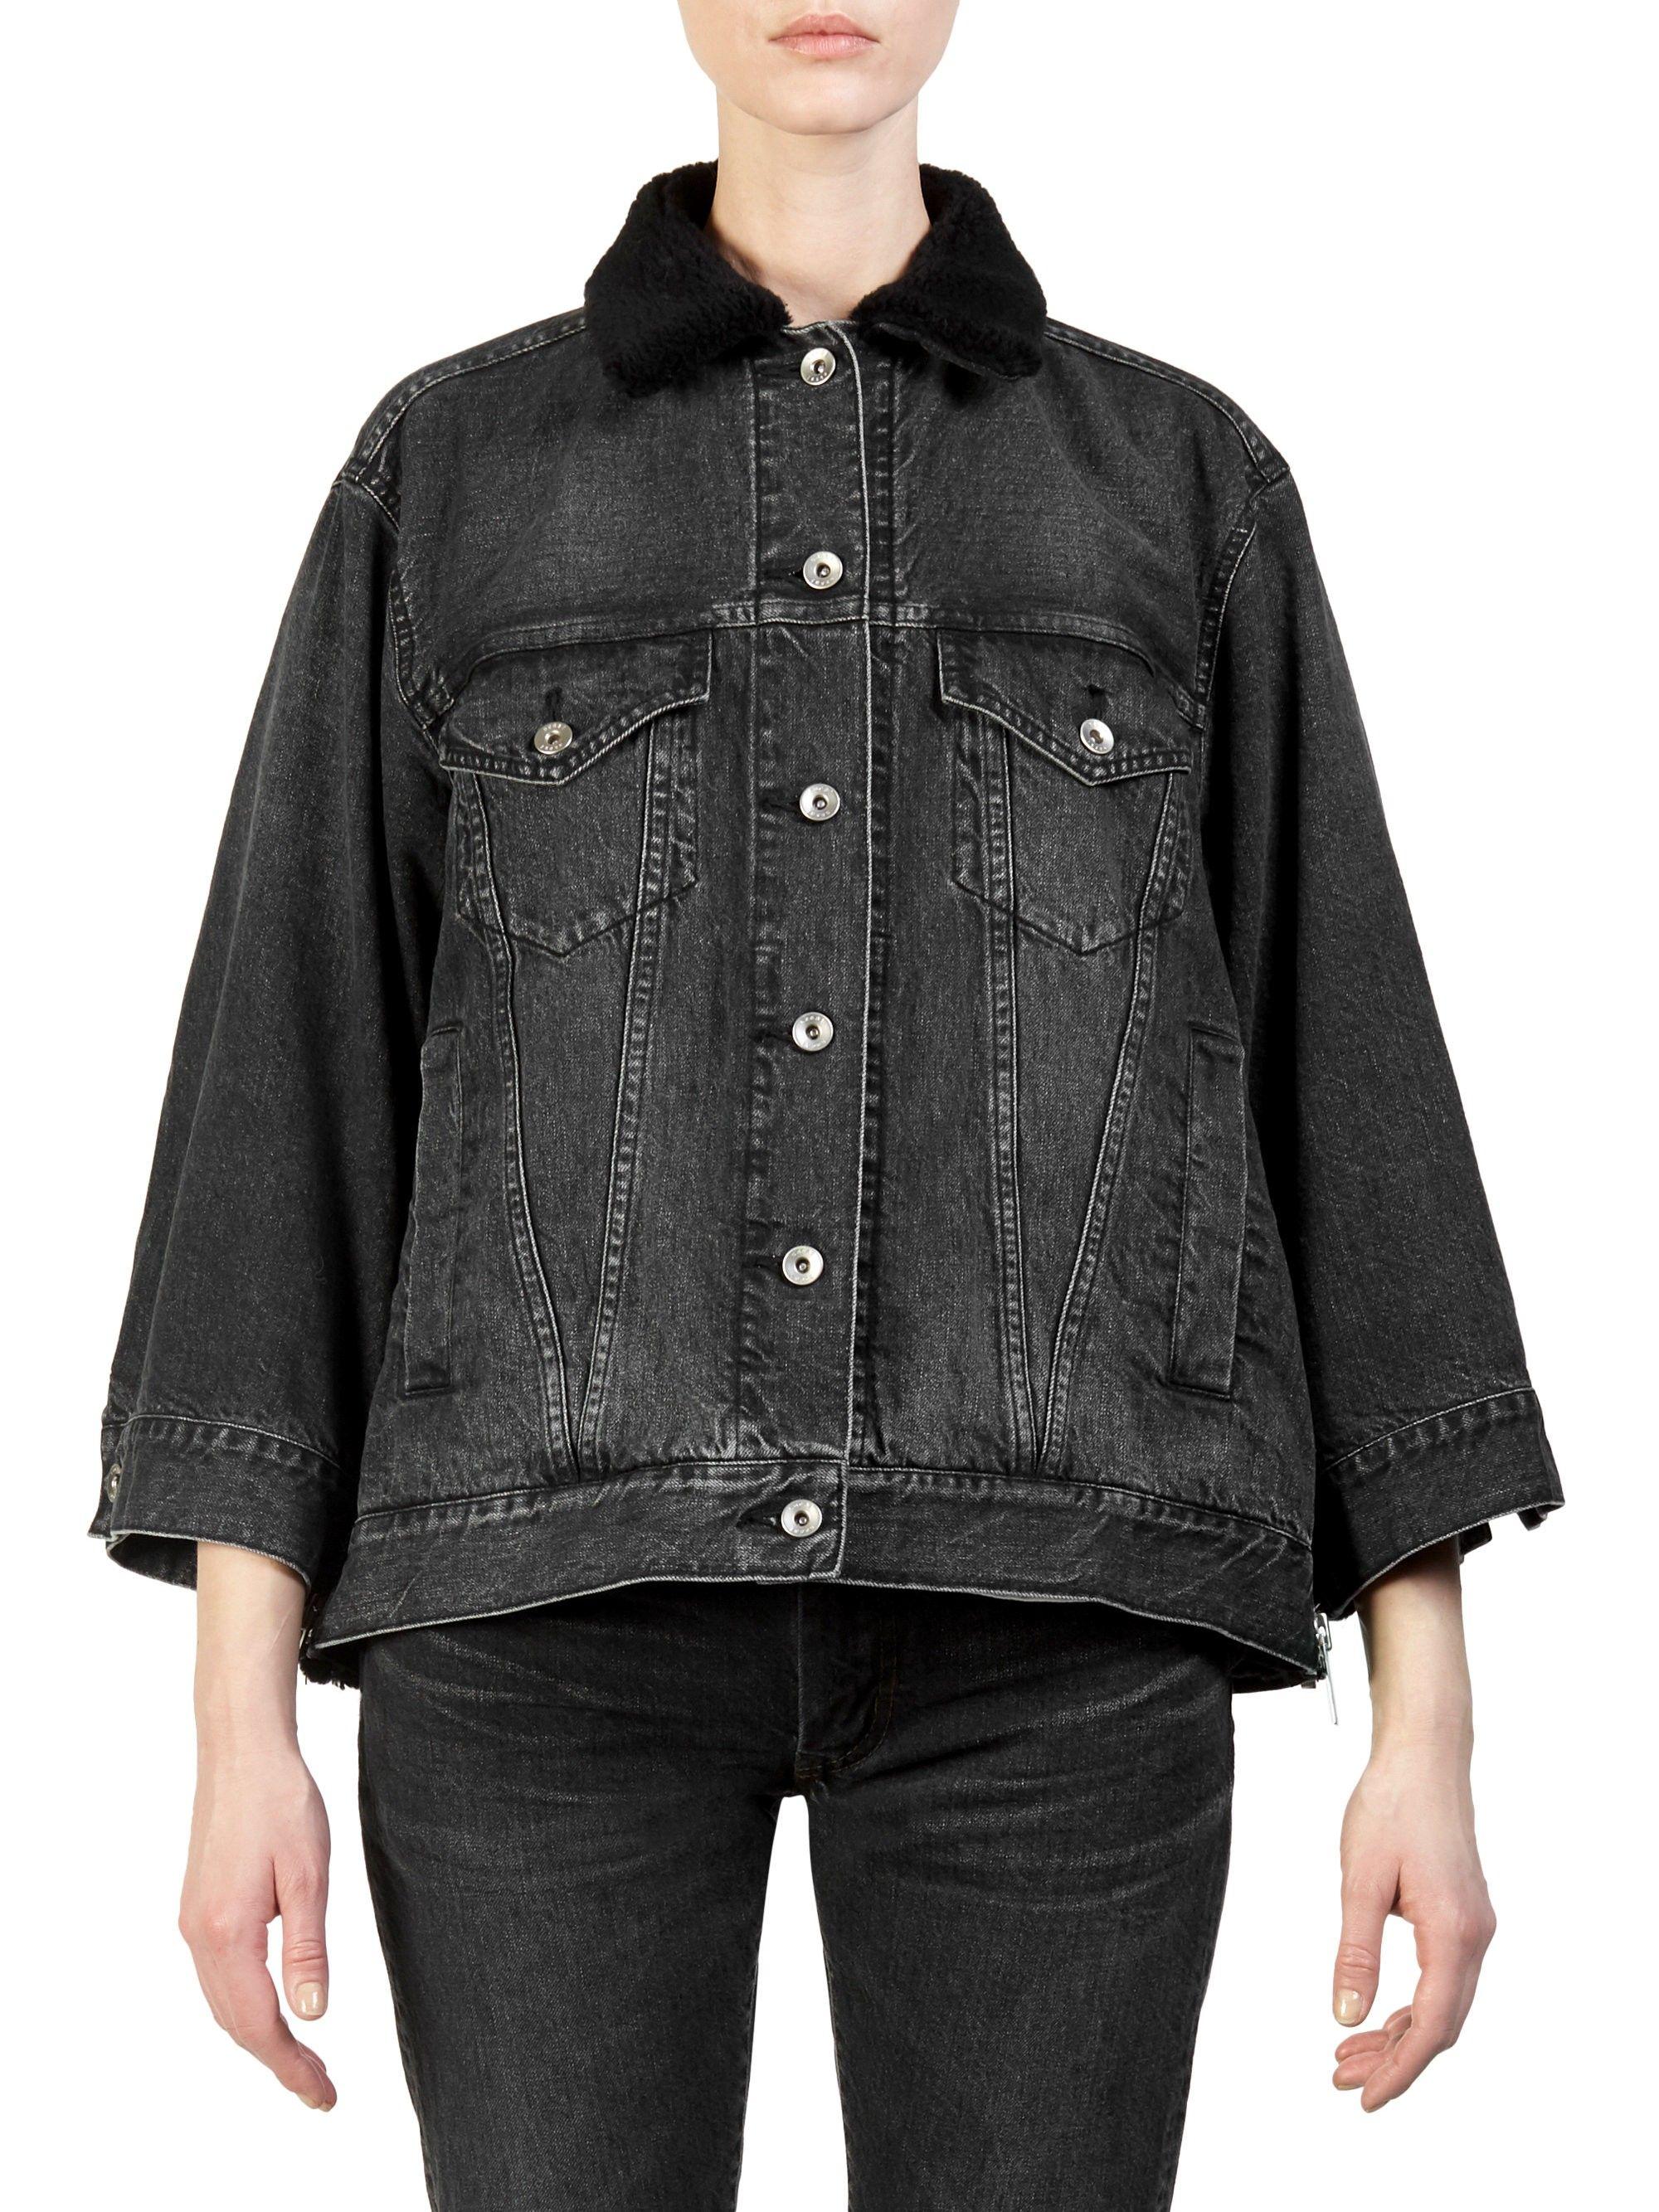 2fc6e0ba6 Sacai Faux Fur-Trimmed Denim Jacket - Black 4 (Large) | Products ...